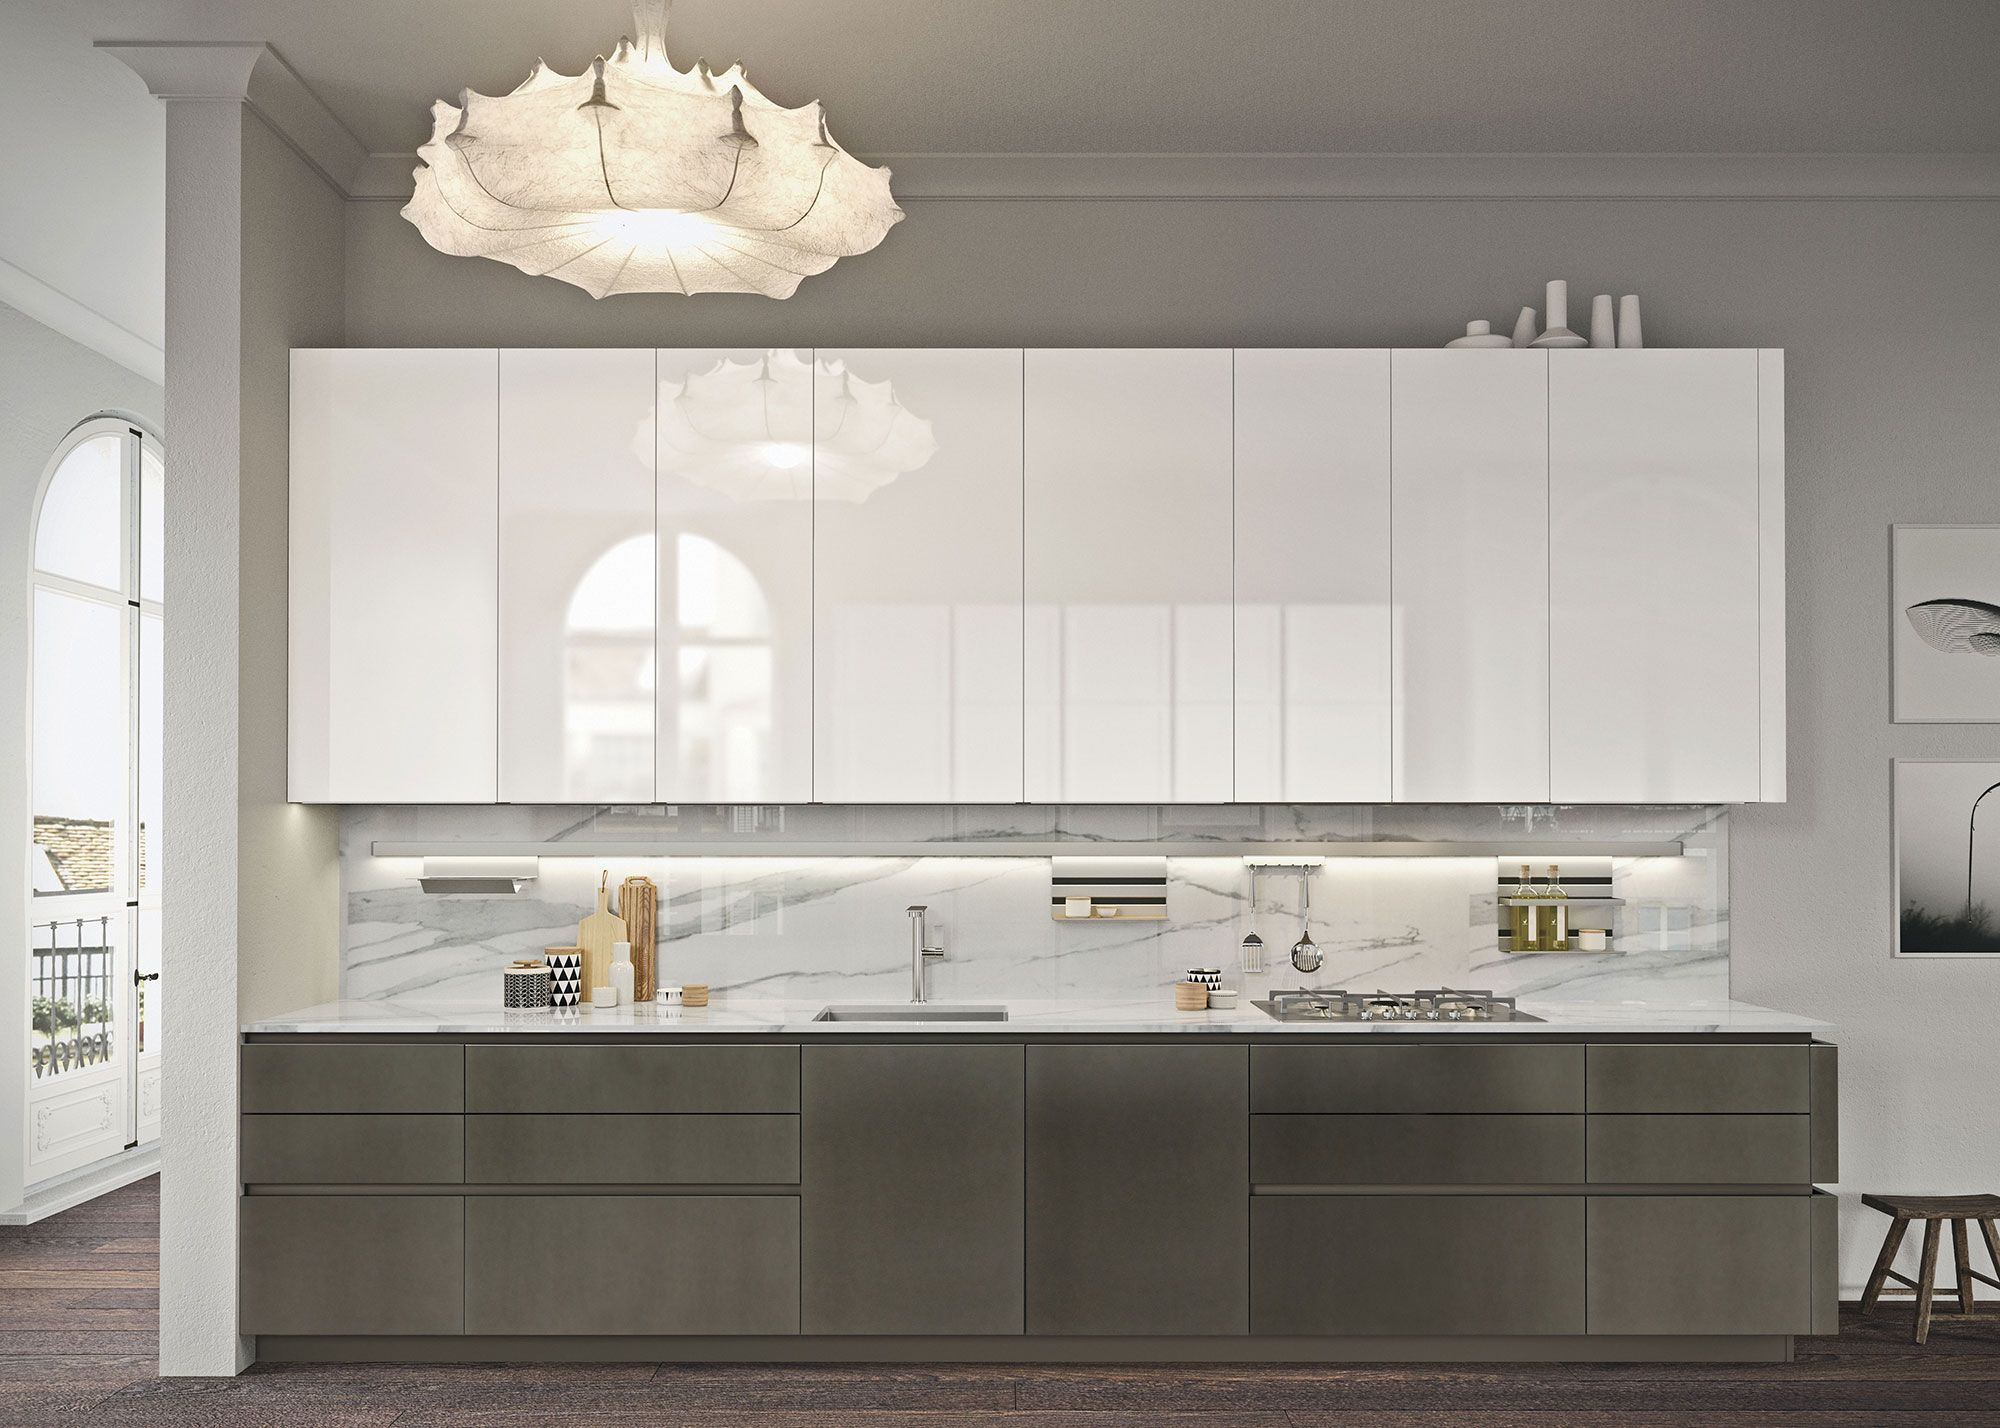 Detail Of Modern Kitchens Snaidero Look Photo 1 Modern Kitchen Trends Stylish Kitchen Design Modern Kitchen Design